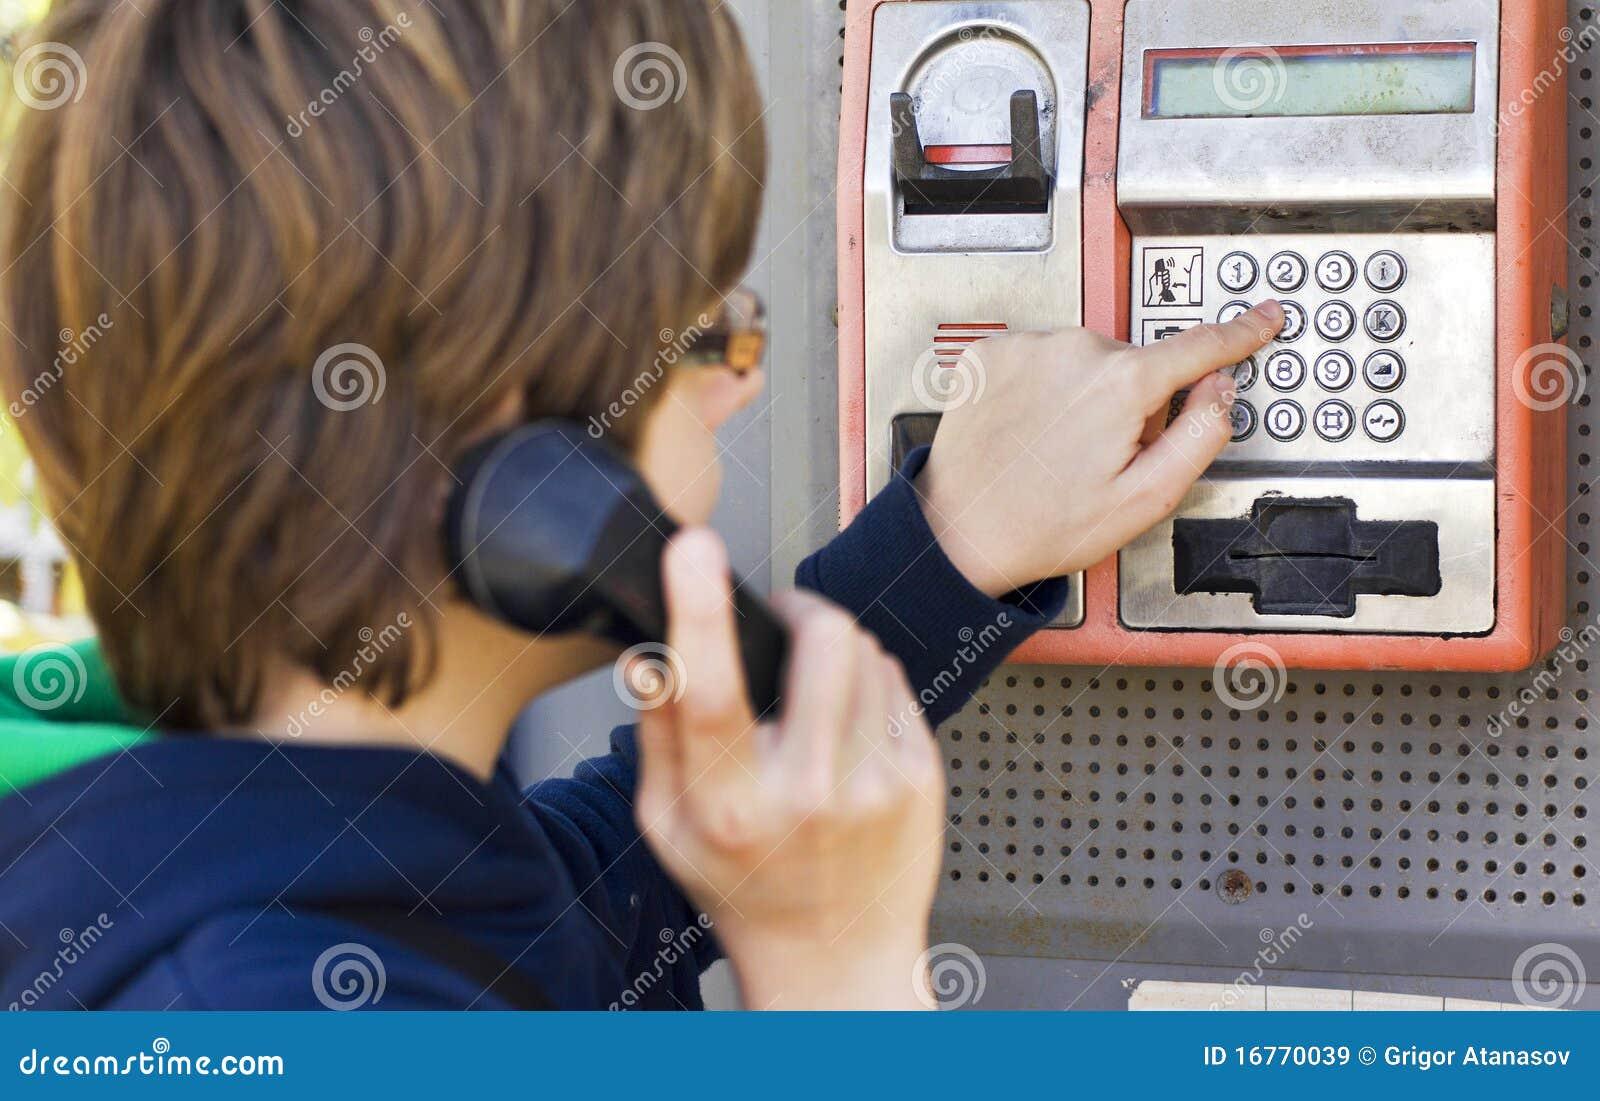 Marca de un número en un teléfono de paga